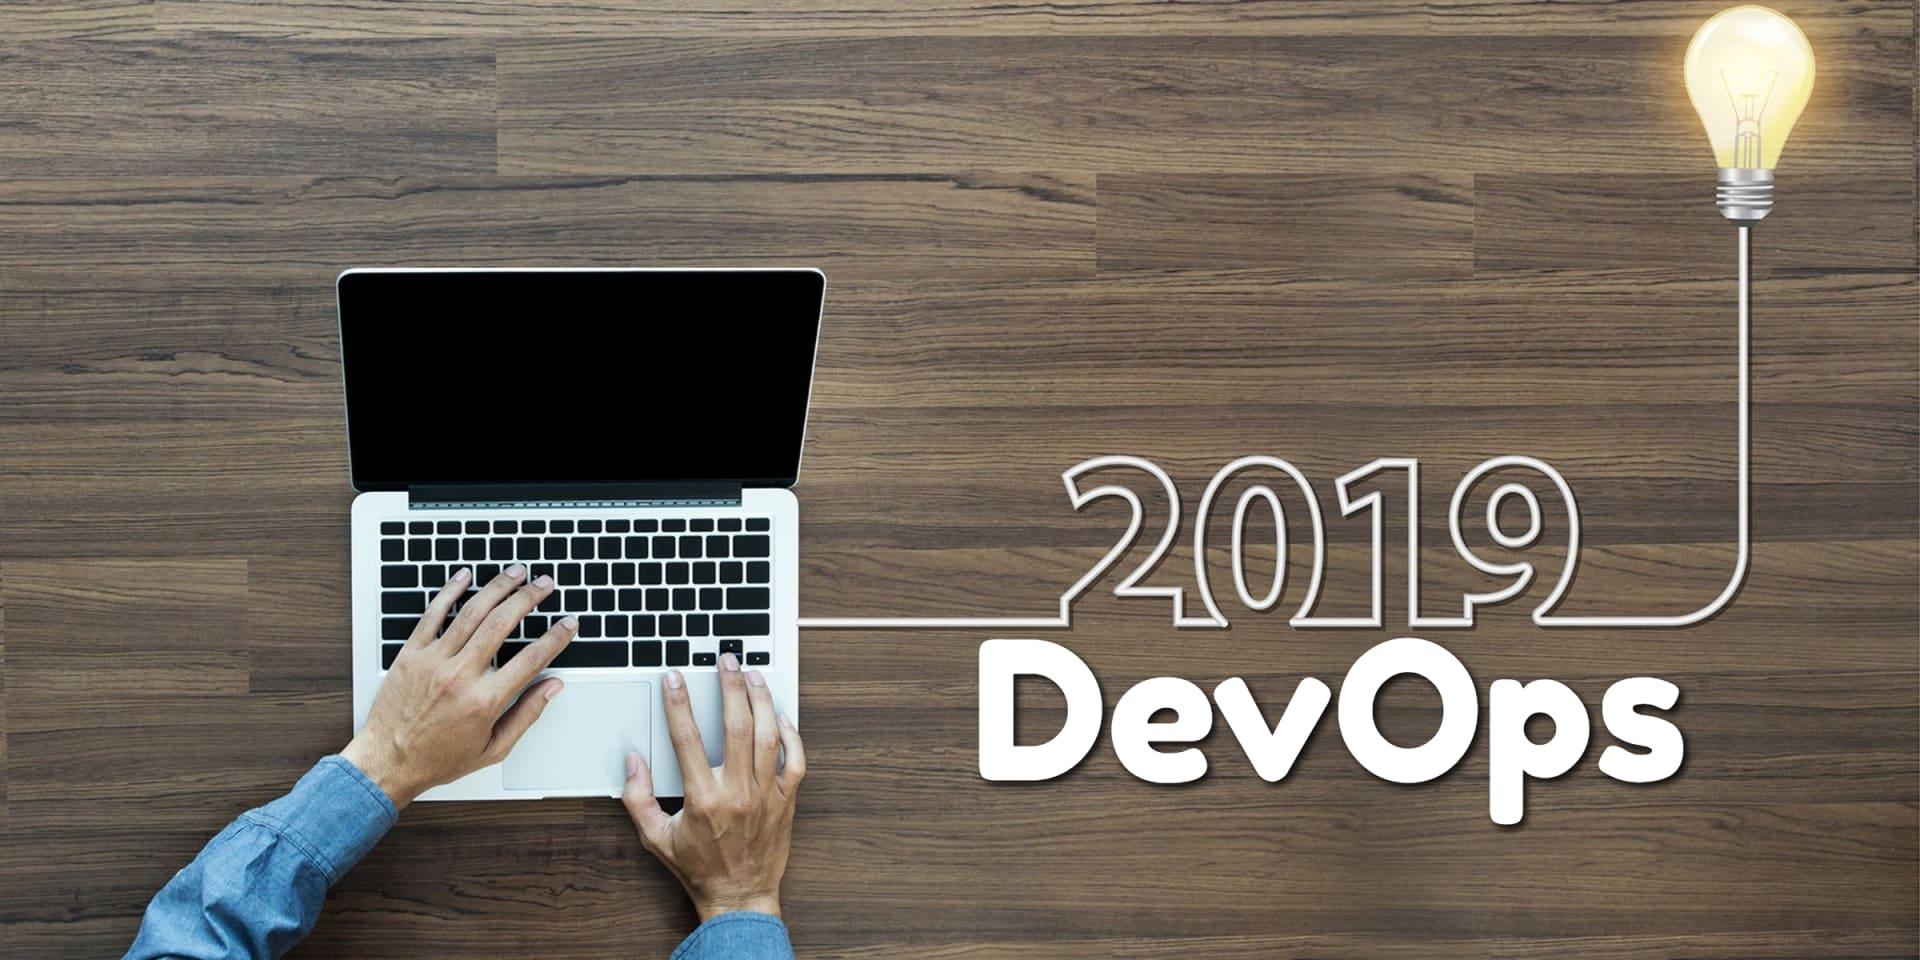 ТОП-10 самых полезных DevOps тенденций 2019 года